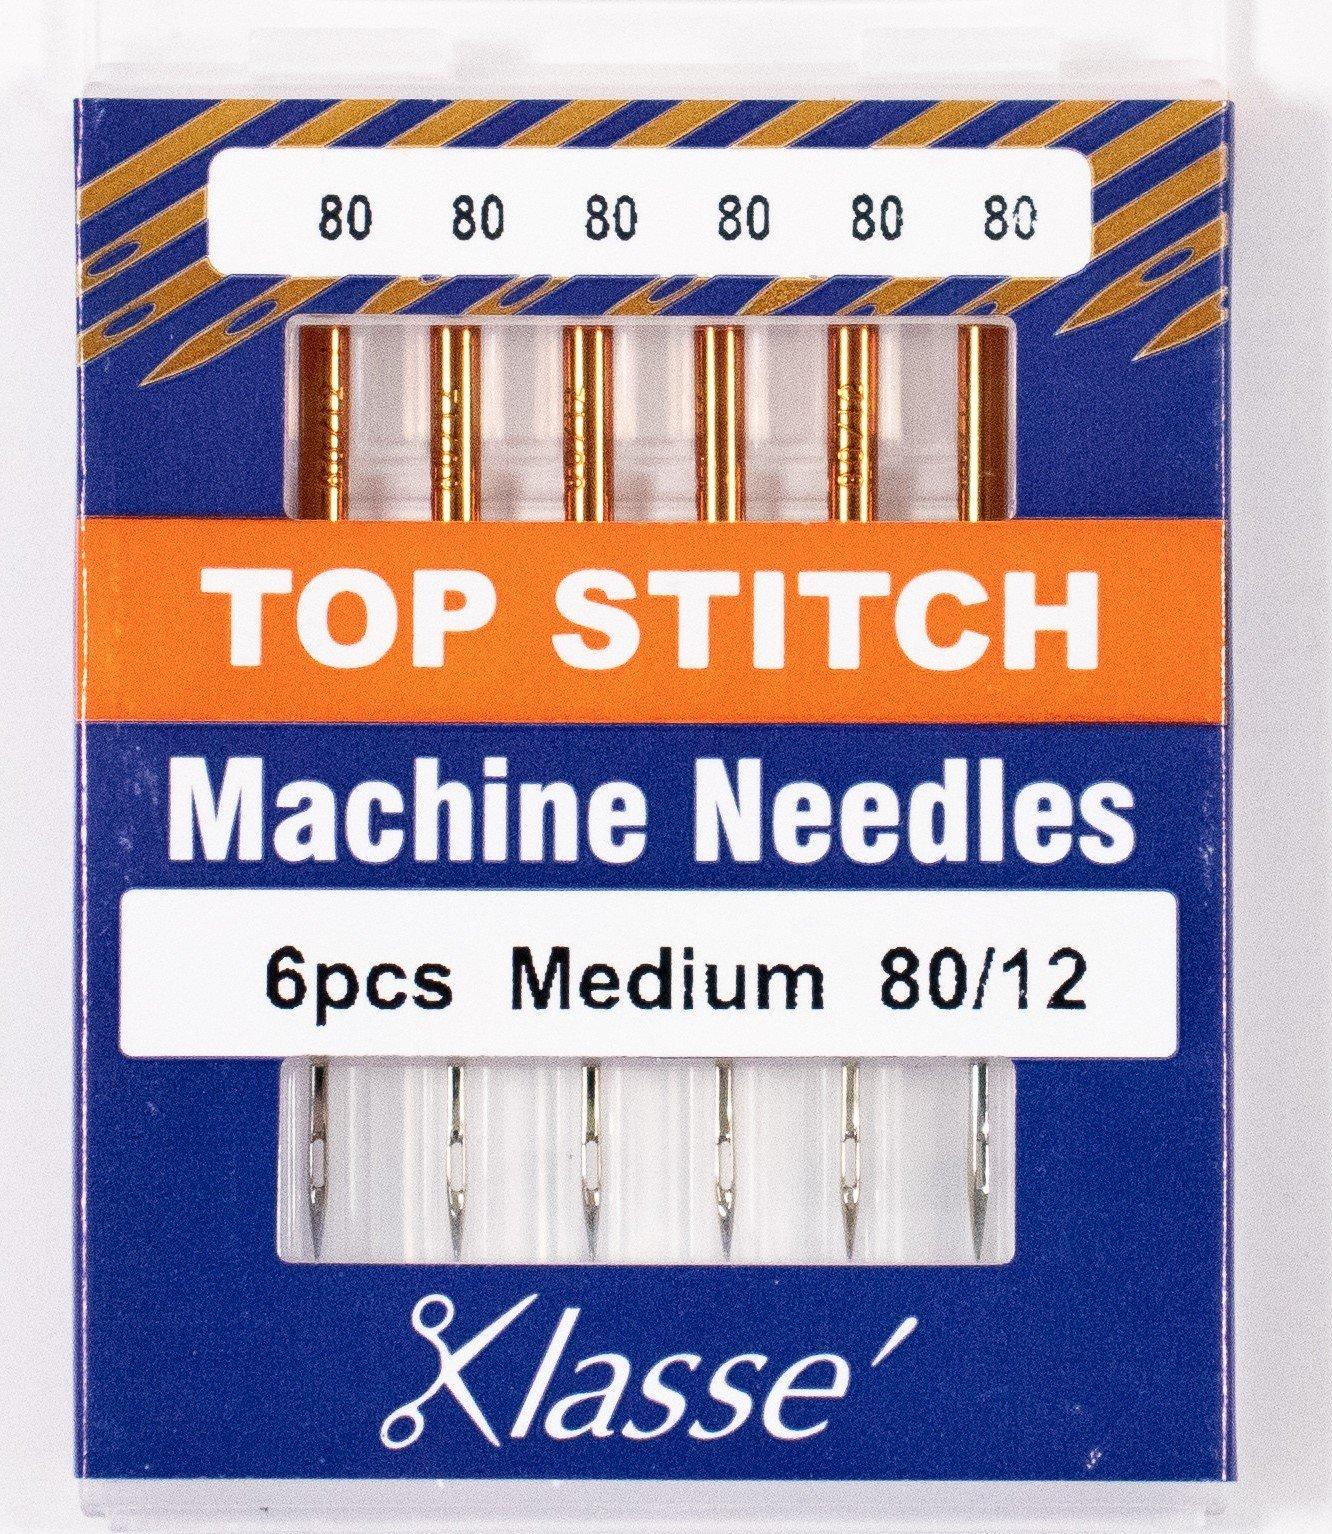 Klasse Topstitch 80/12, 6 Needles